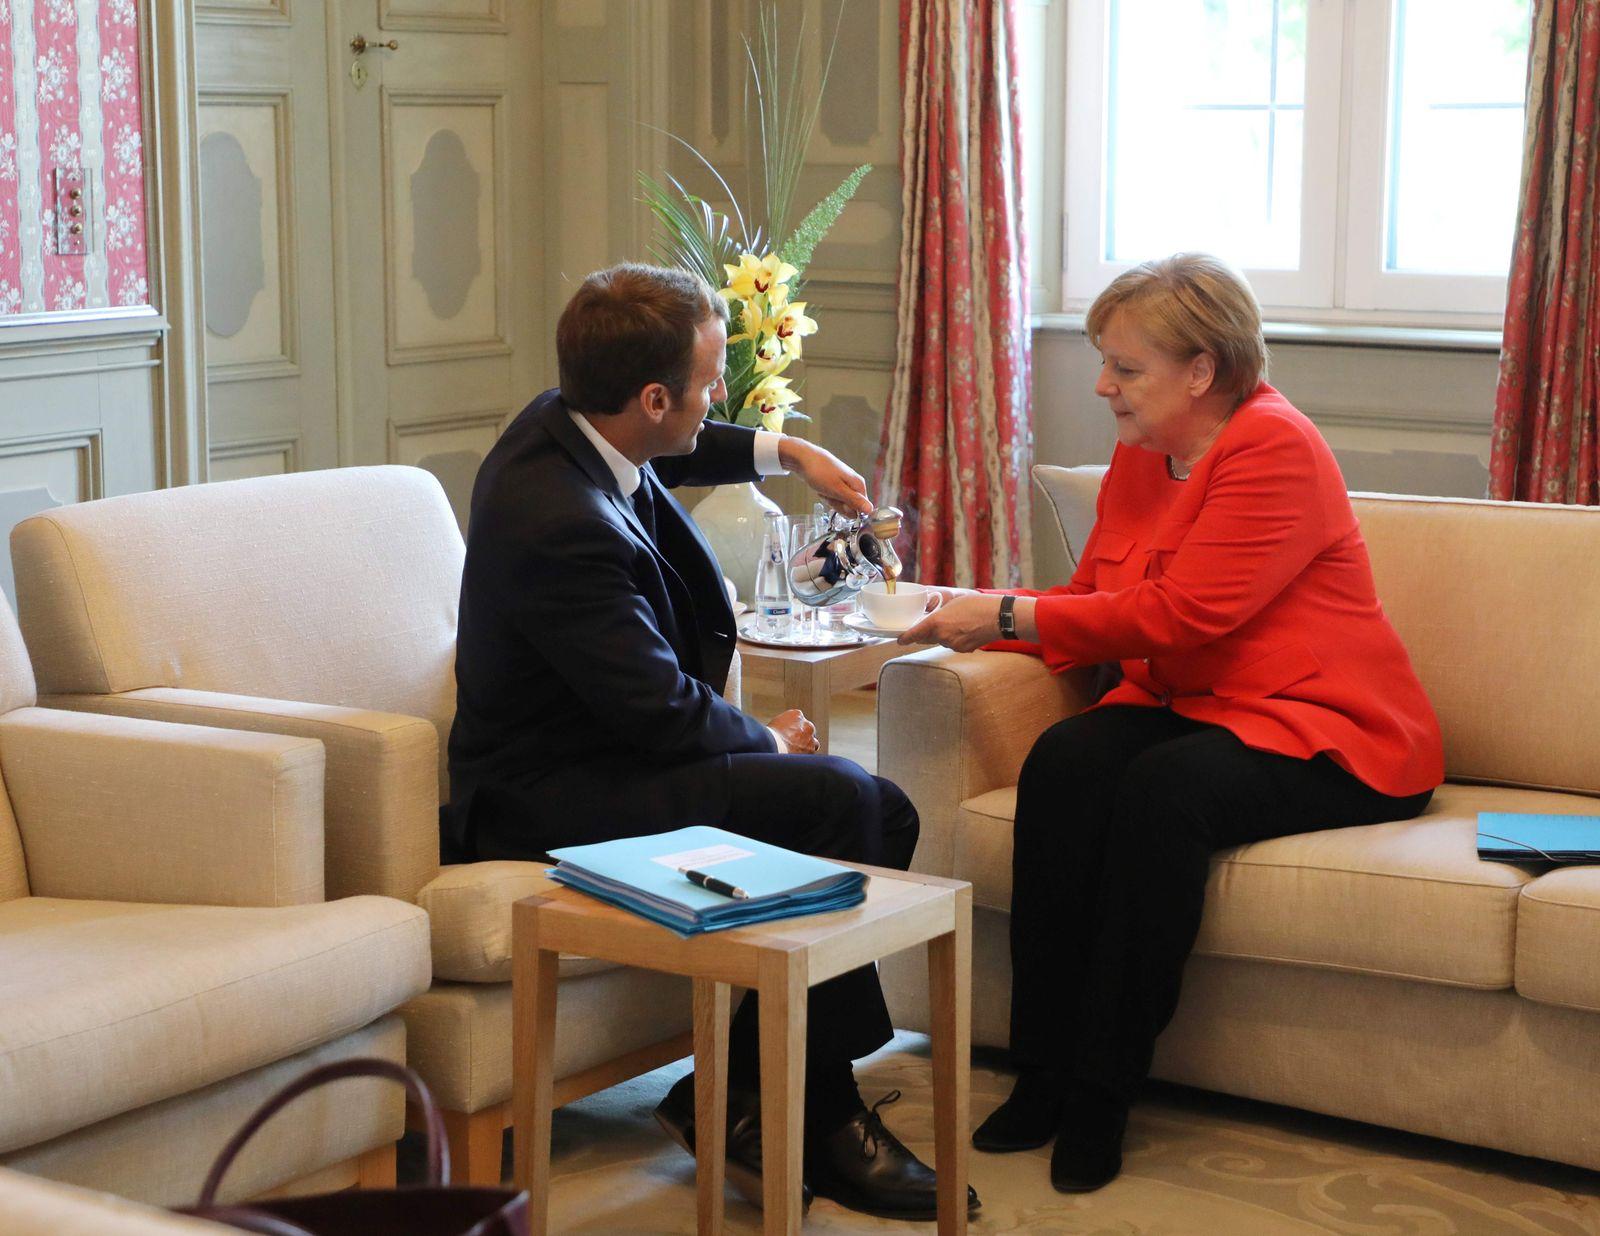 TOPSHOT-GERMANY-FRANCE-EU-POLITICS-MIGRANTS